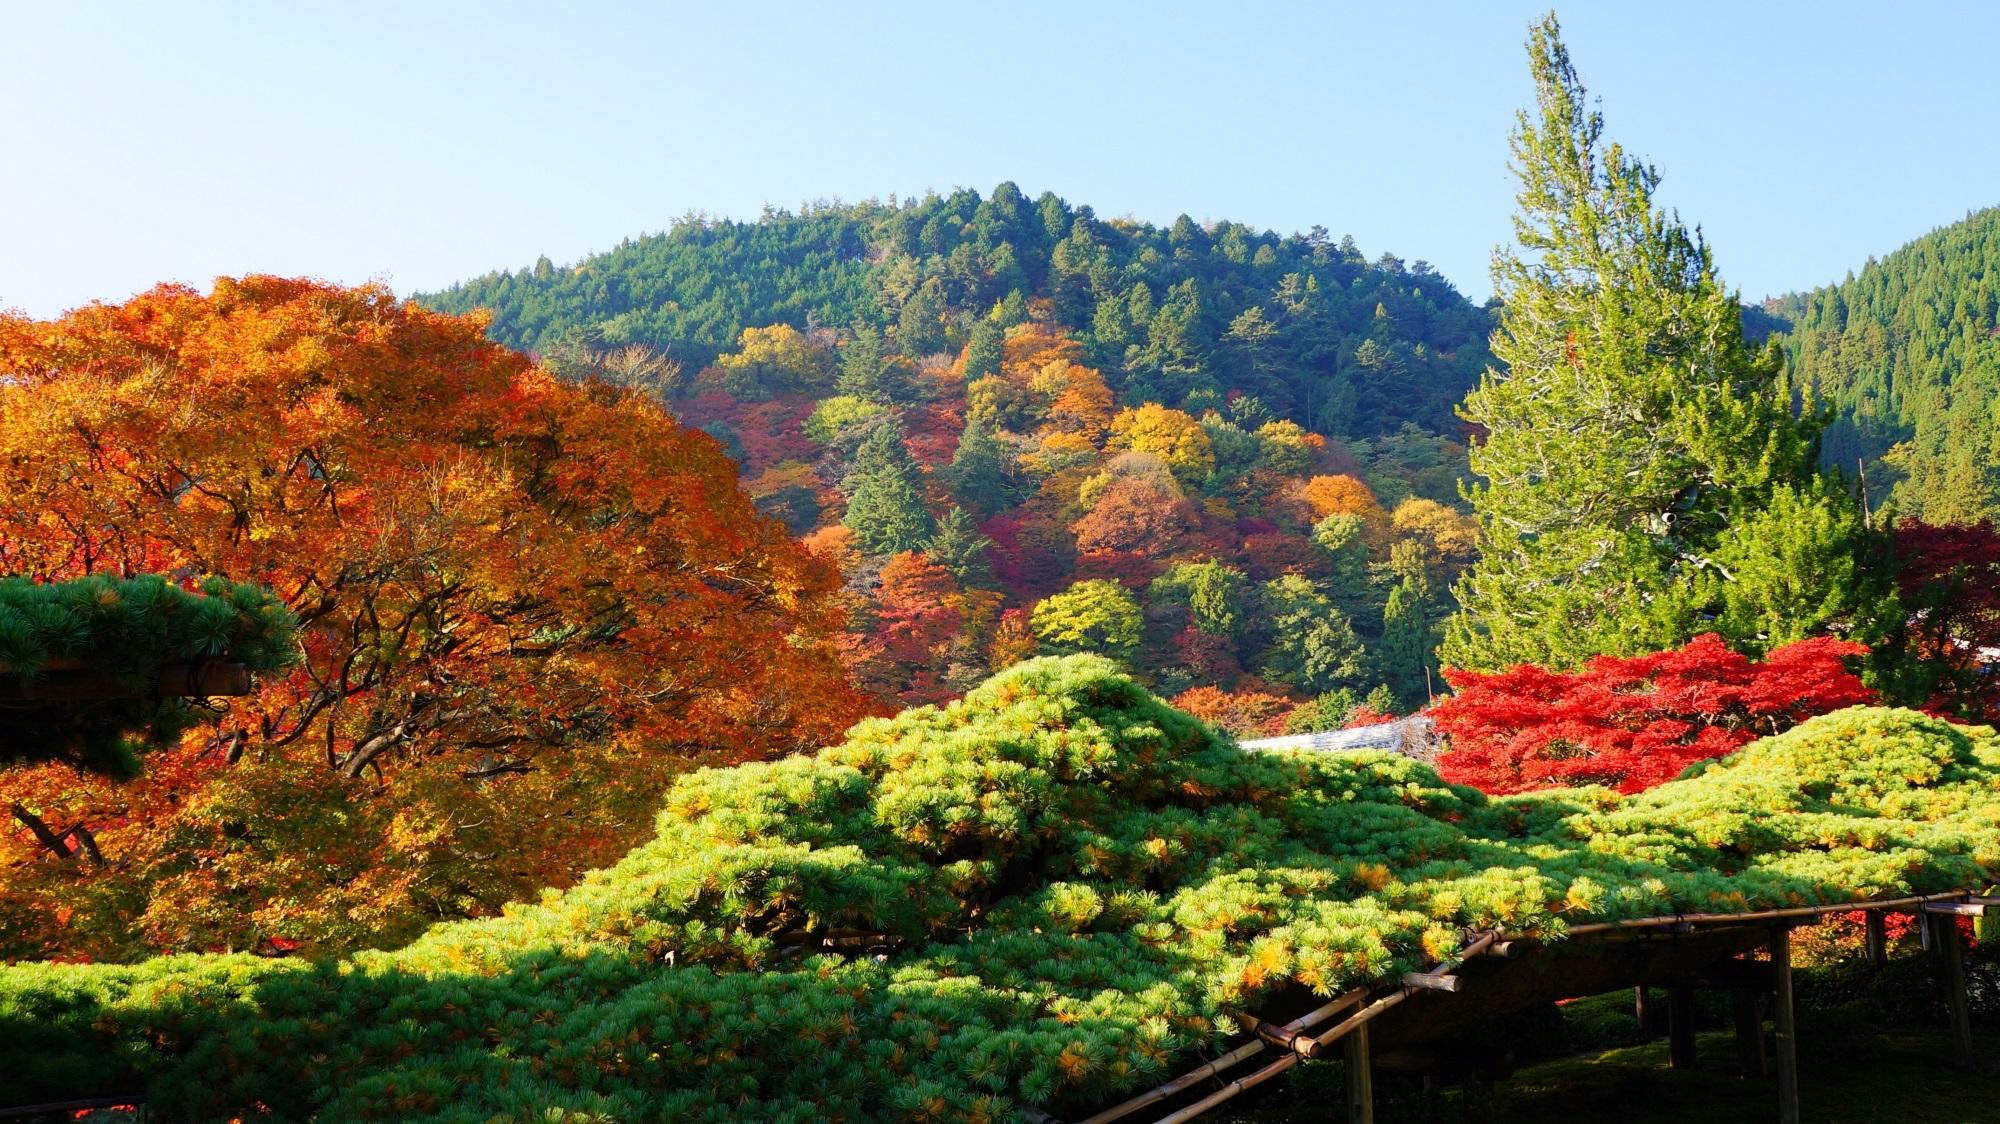 善峯寺 紅葉 遊龍の松と鮮やかな彩り